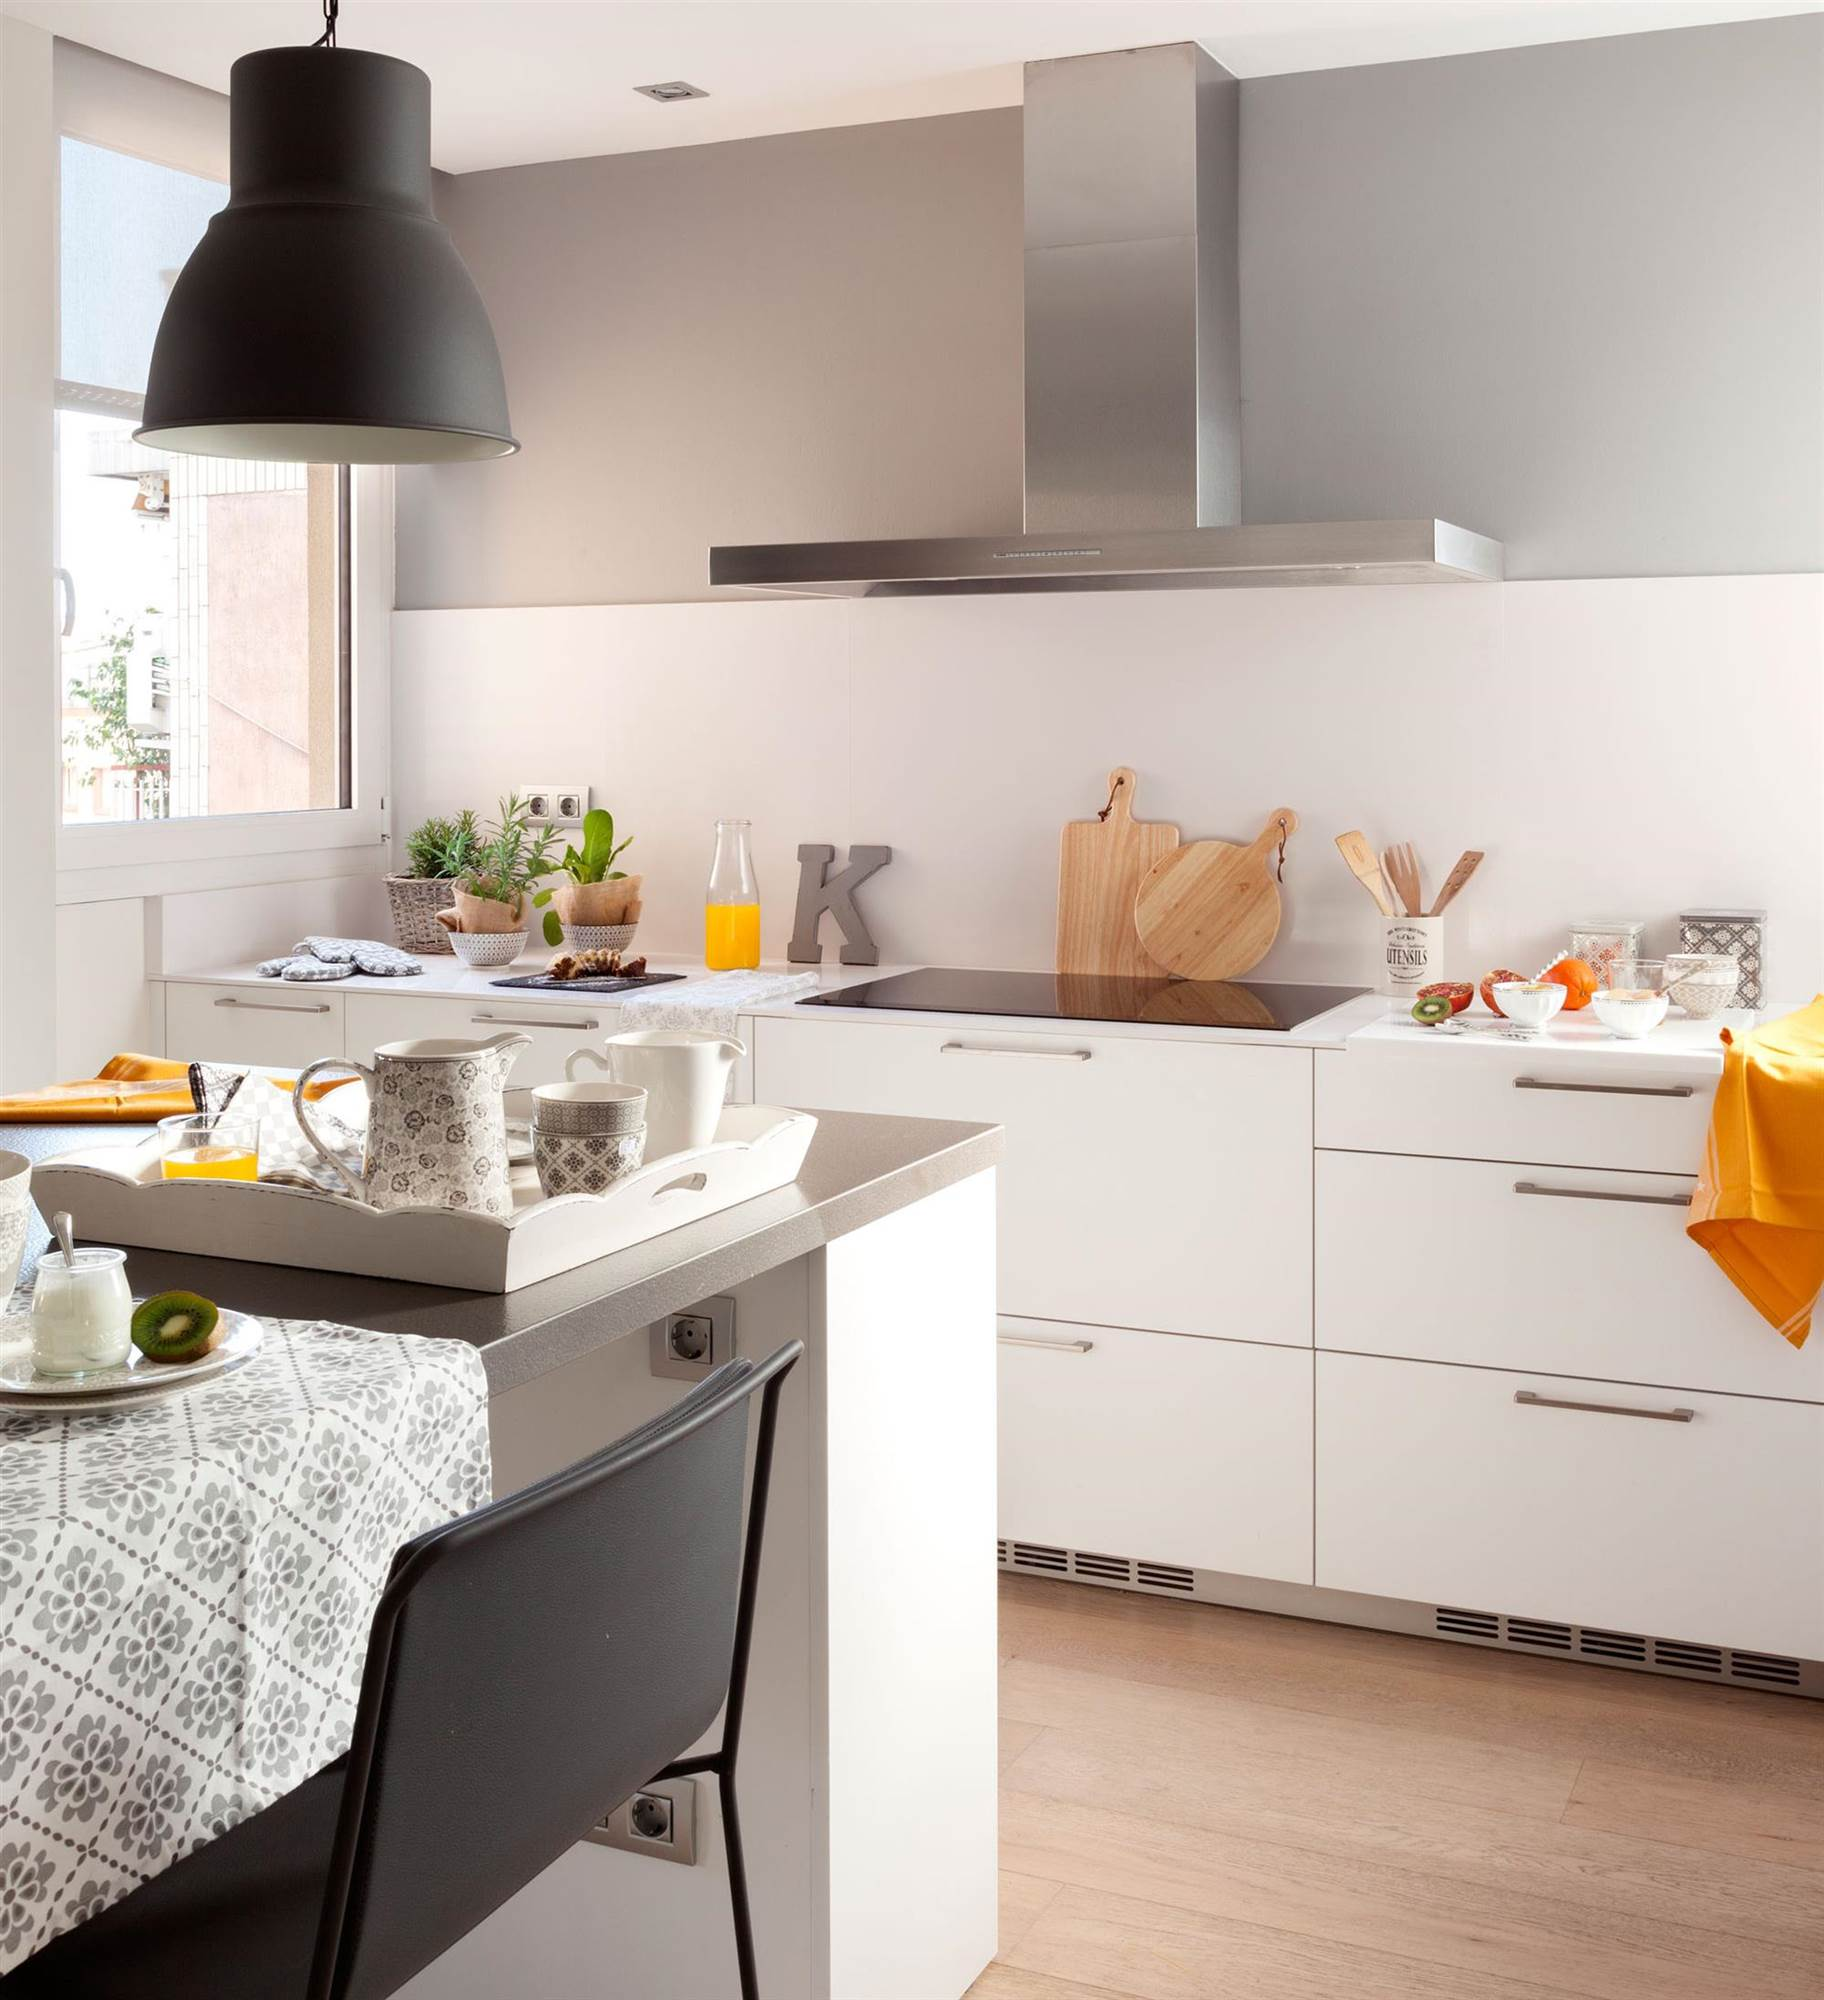 encimeras de cocina materiales elegant encimeras de On materiales para encimeras de cocina